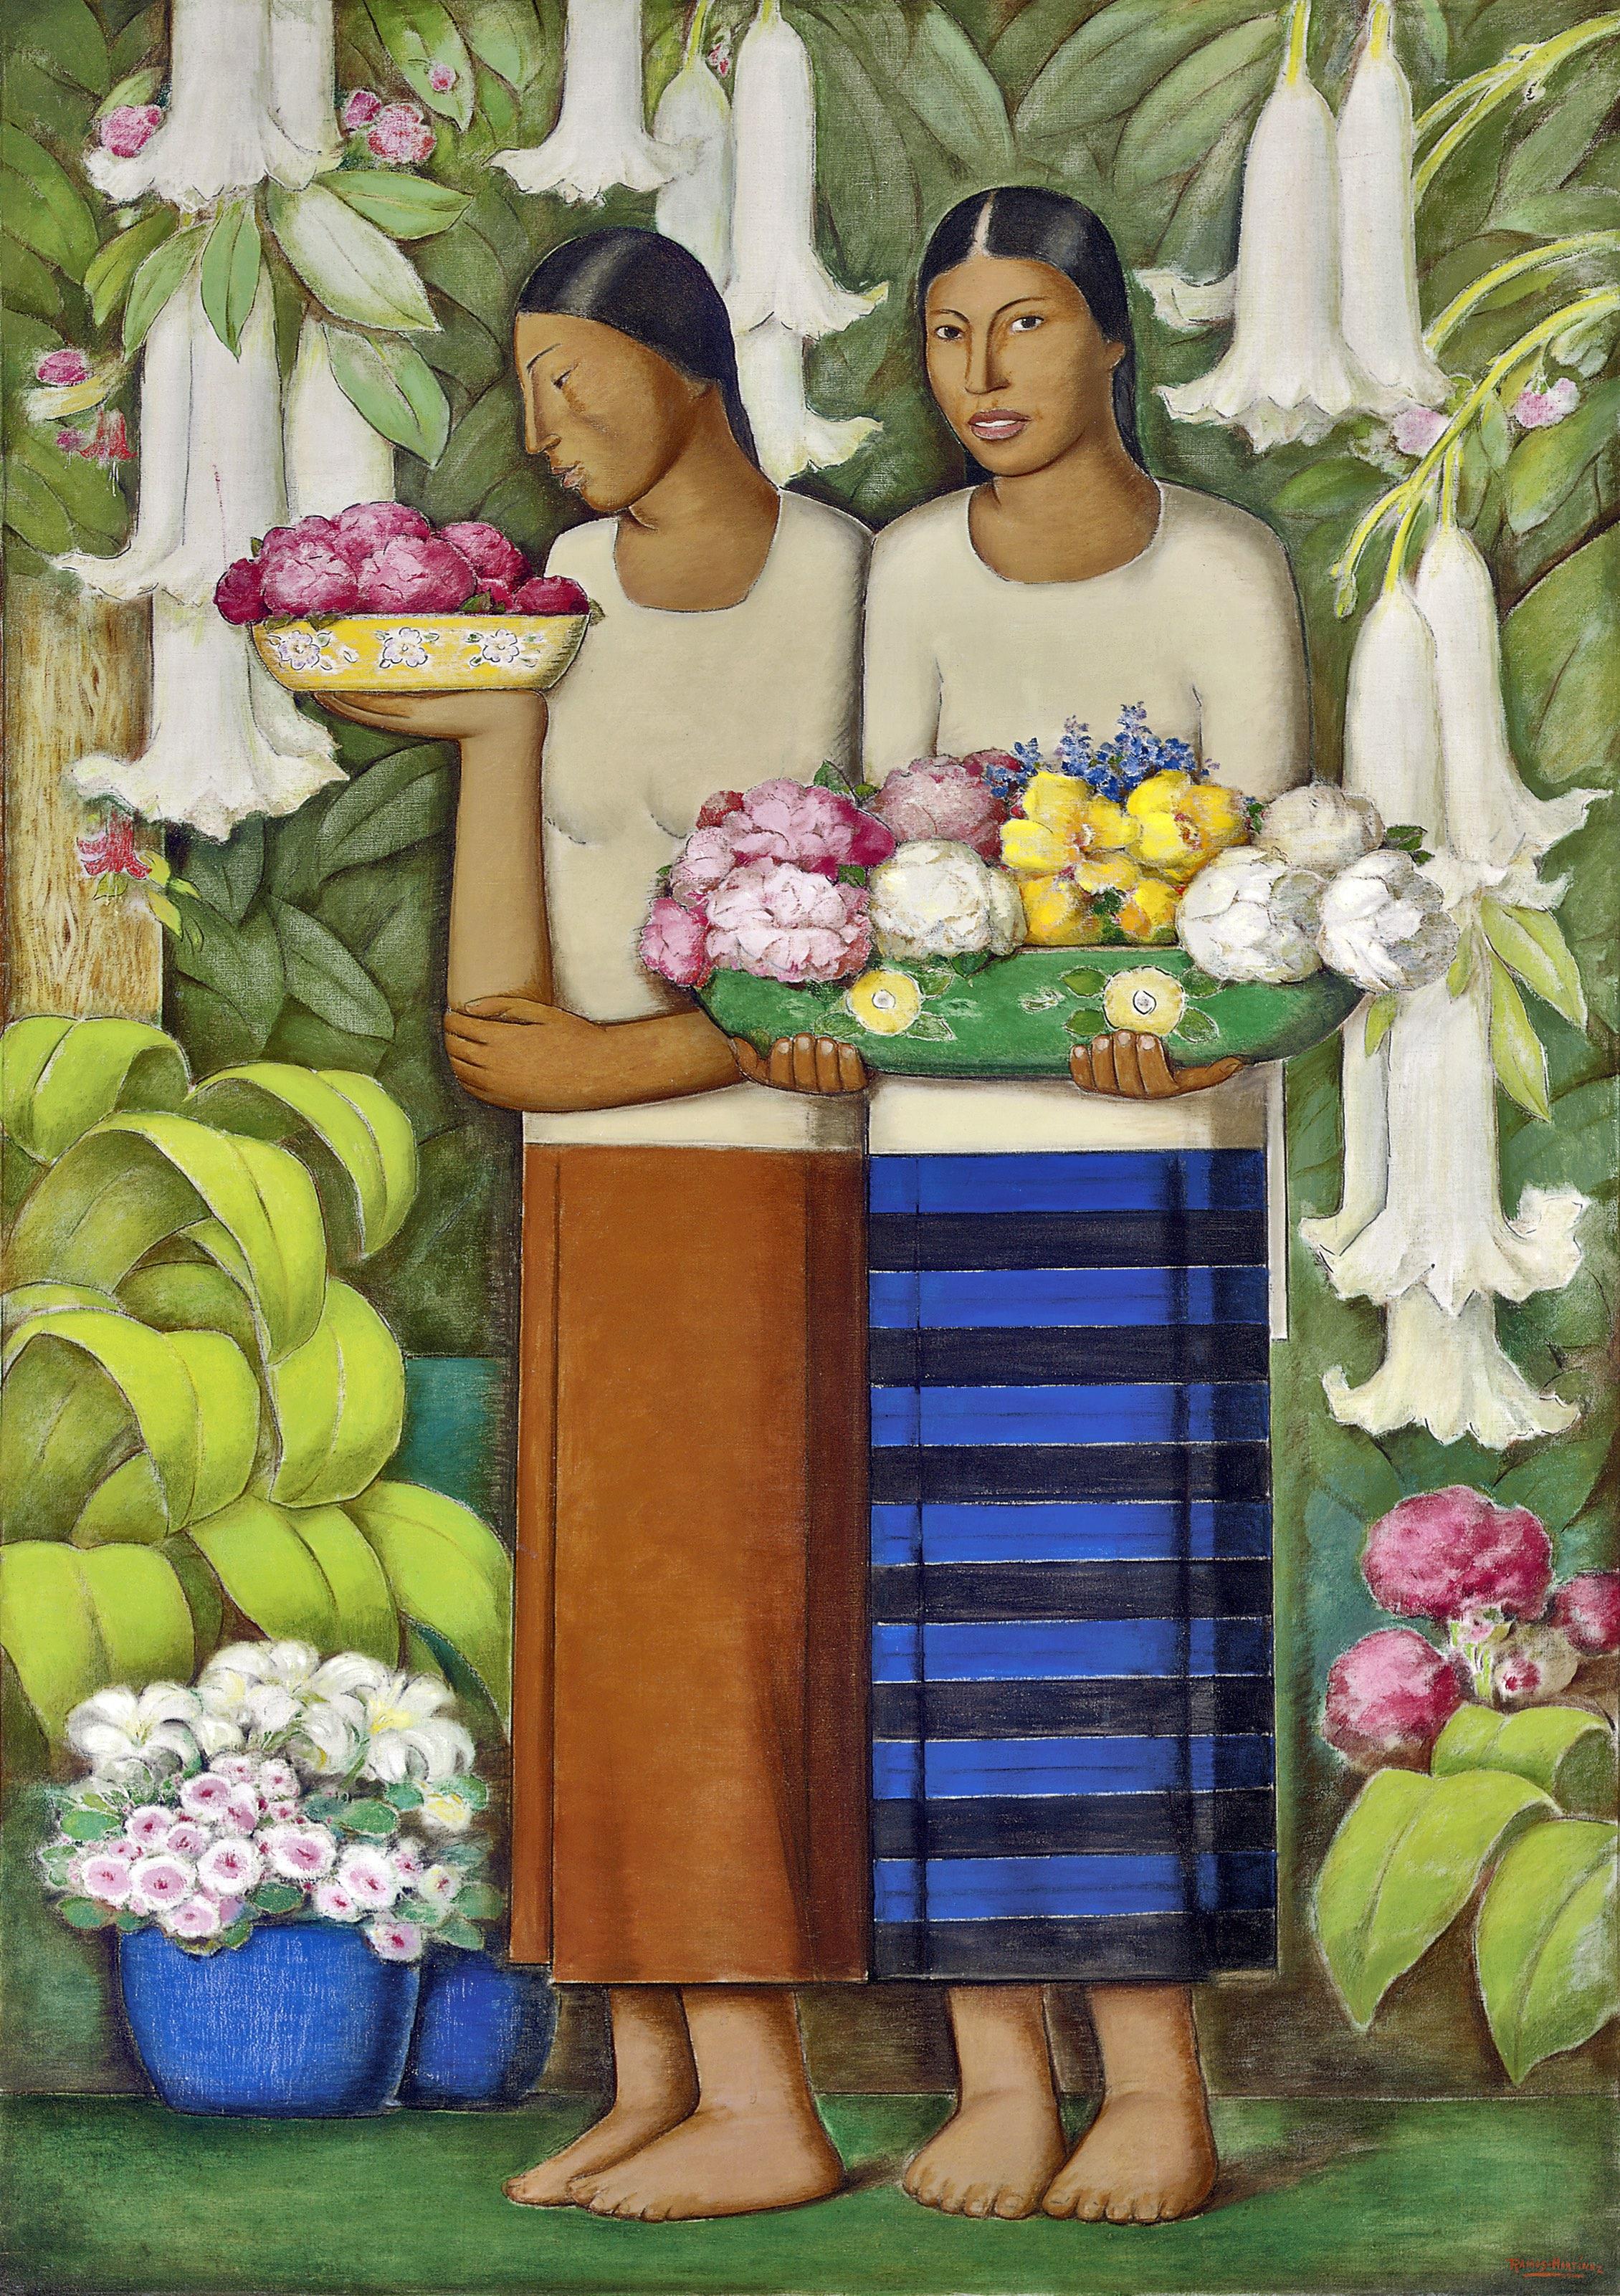 Flores de México / Flowers of Mexico  ca. 1938 oil on canvas / óleo sobre tela 63.3 x 44.1 inches; 160.7 x 112.1 centímetros Private collection